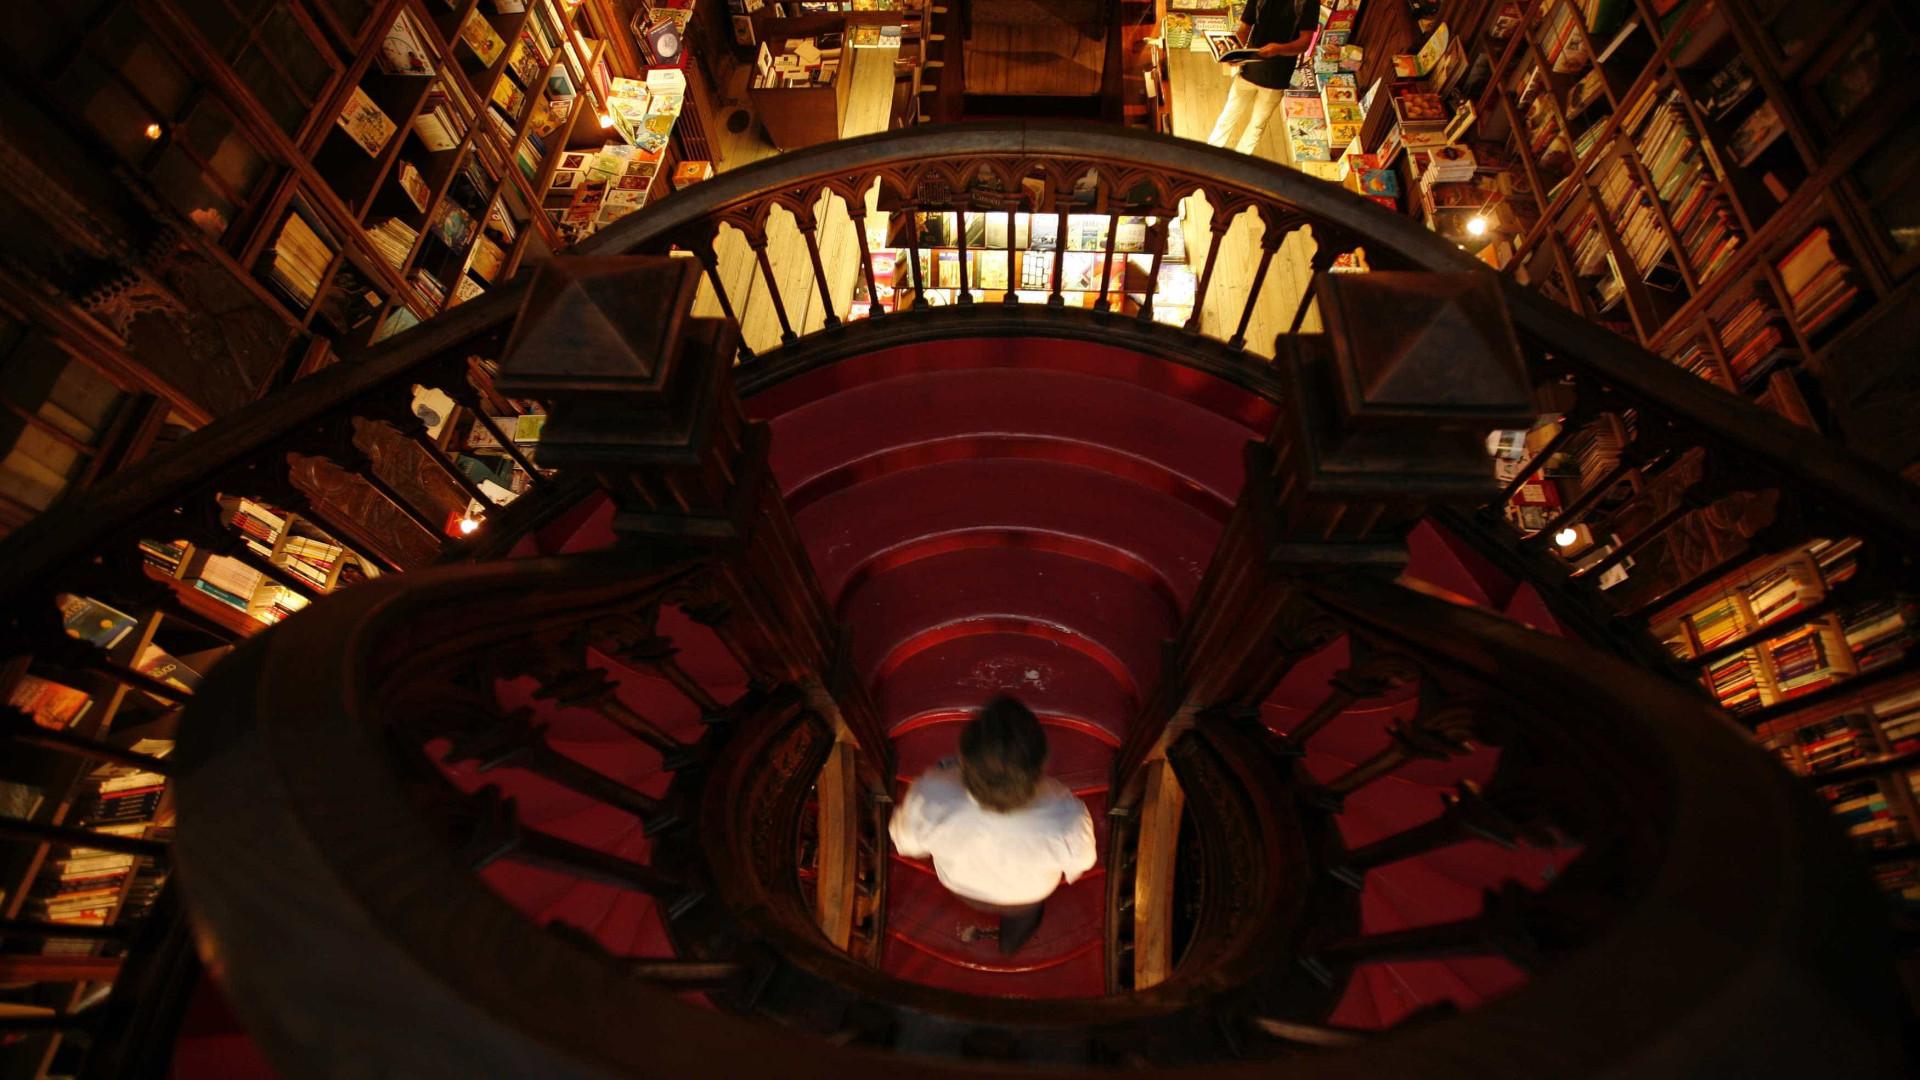 Livraria Lello festeja 111 anos com oferta de livros, música e novidades